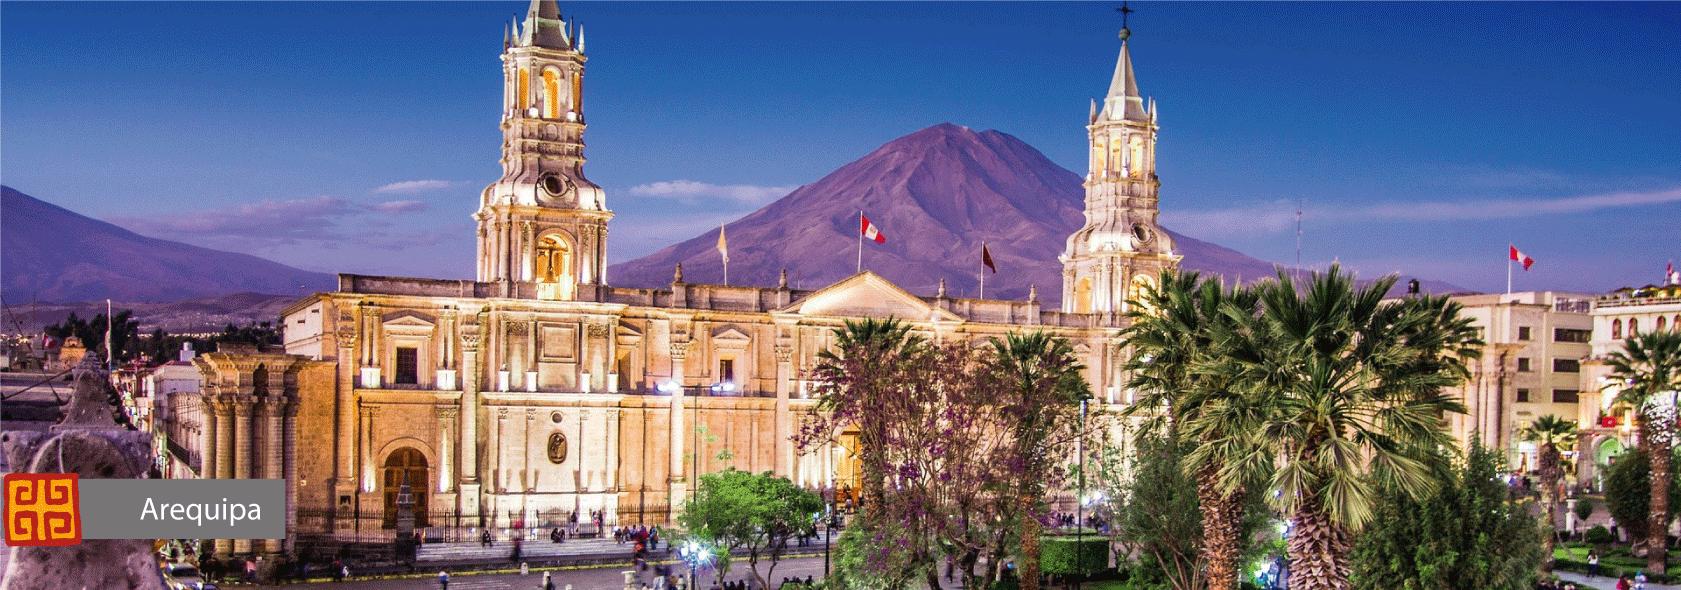 Peru-Arequipa